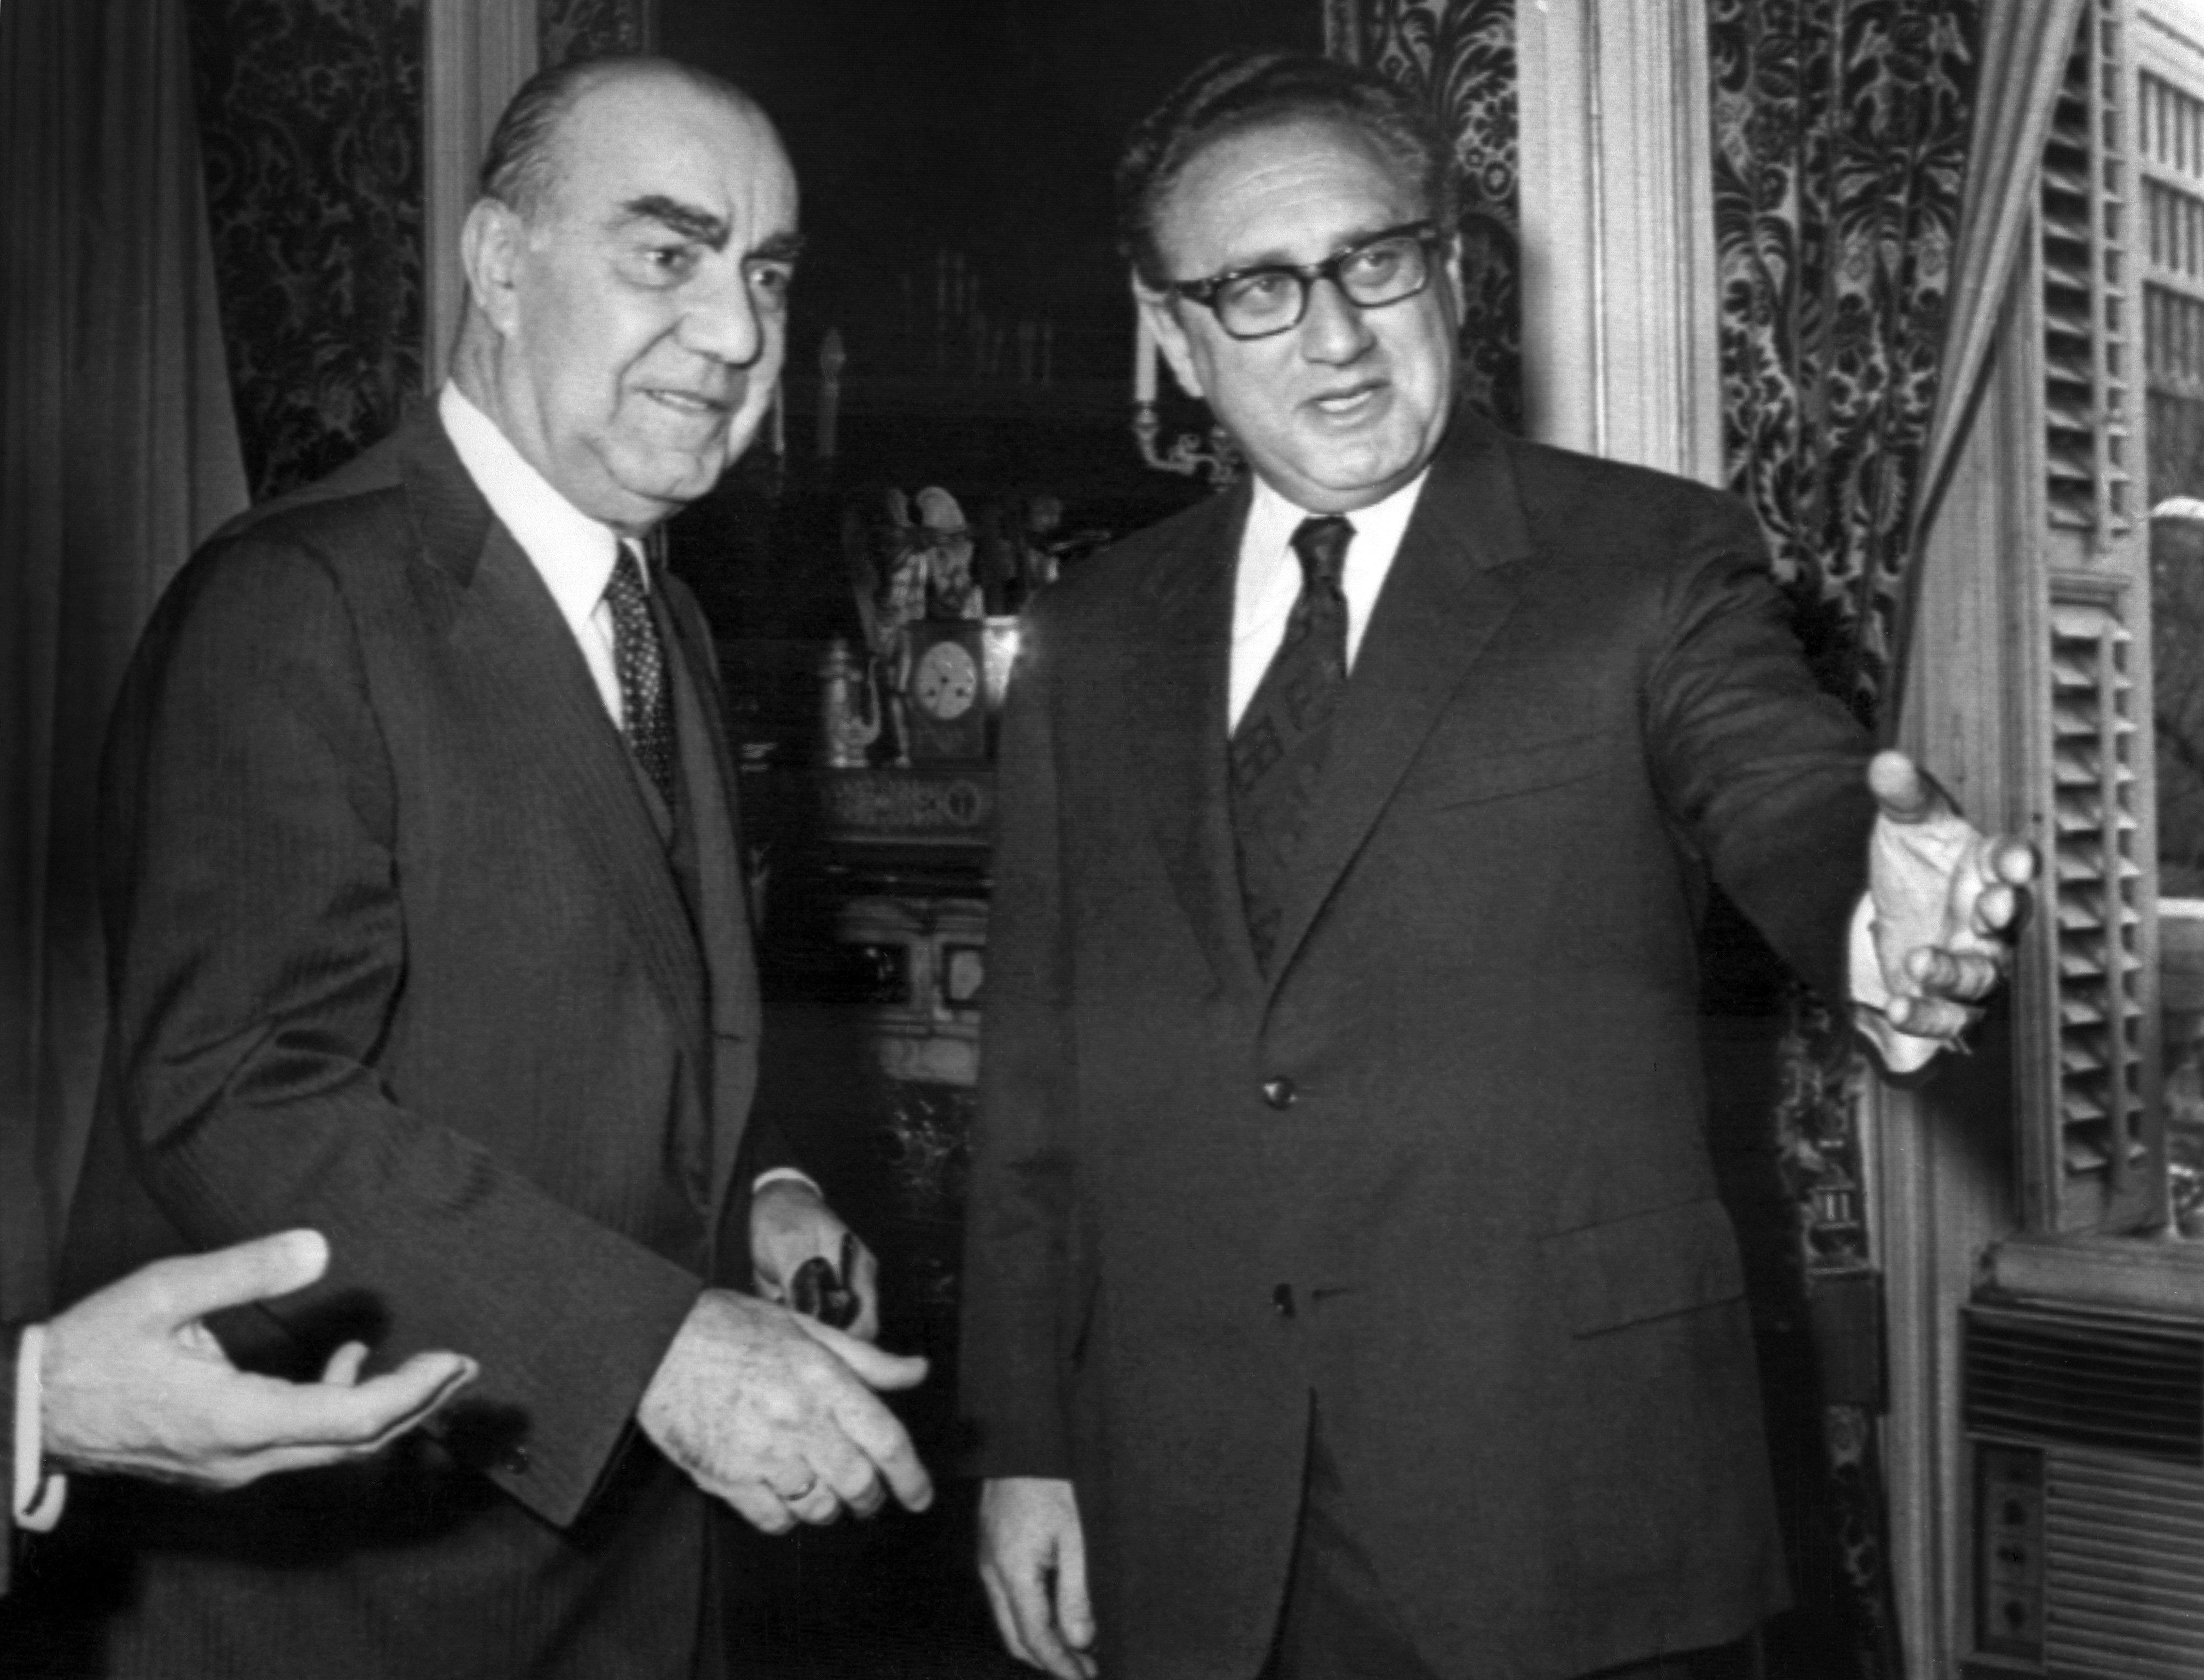 Luis Carrero Blanco, primer ministro de España (izda.) en una reunión con Henry Kissinger, secretario de Estado de EEUU (drcha.), 19 de diciembre de 1973, Madrid (archivo)